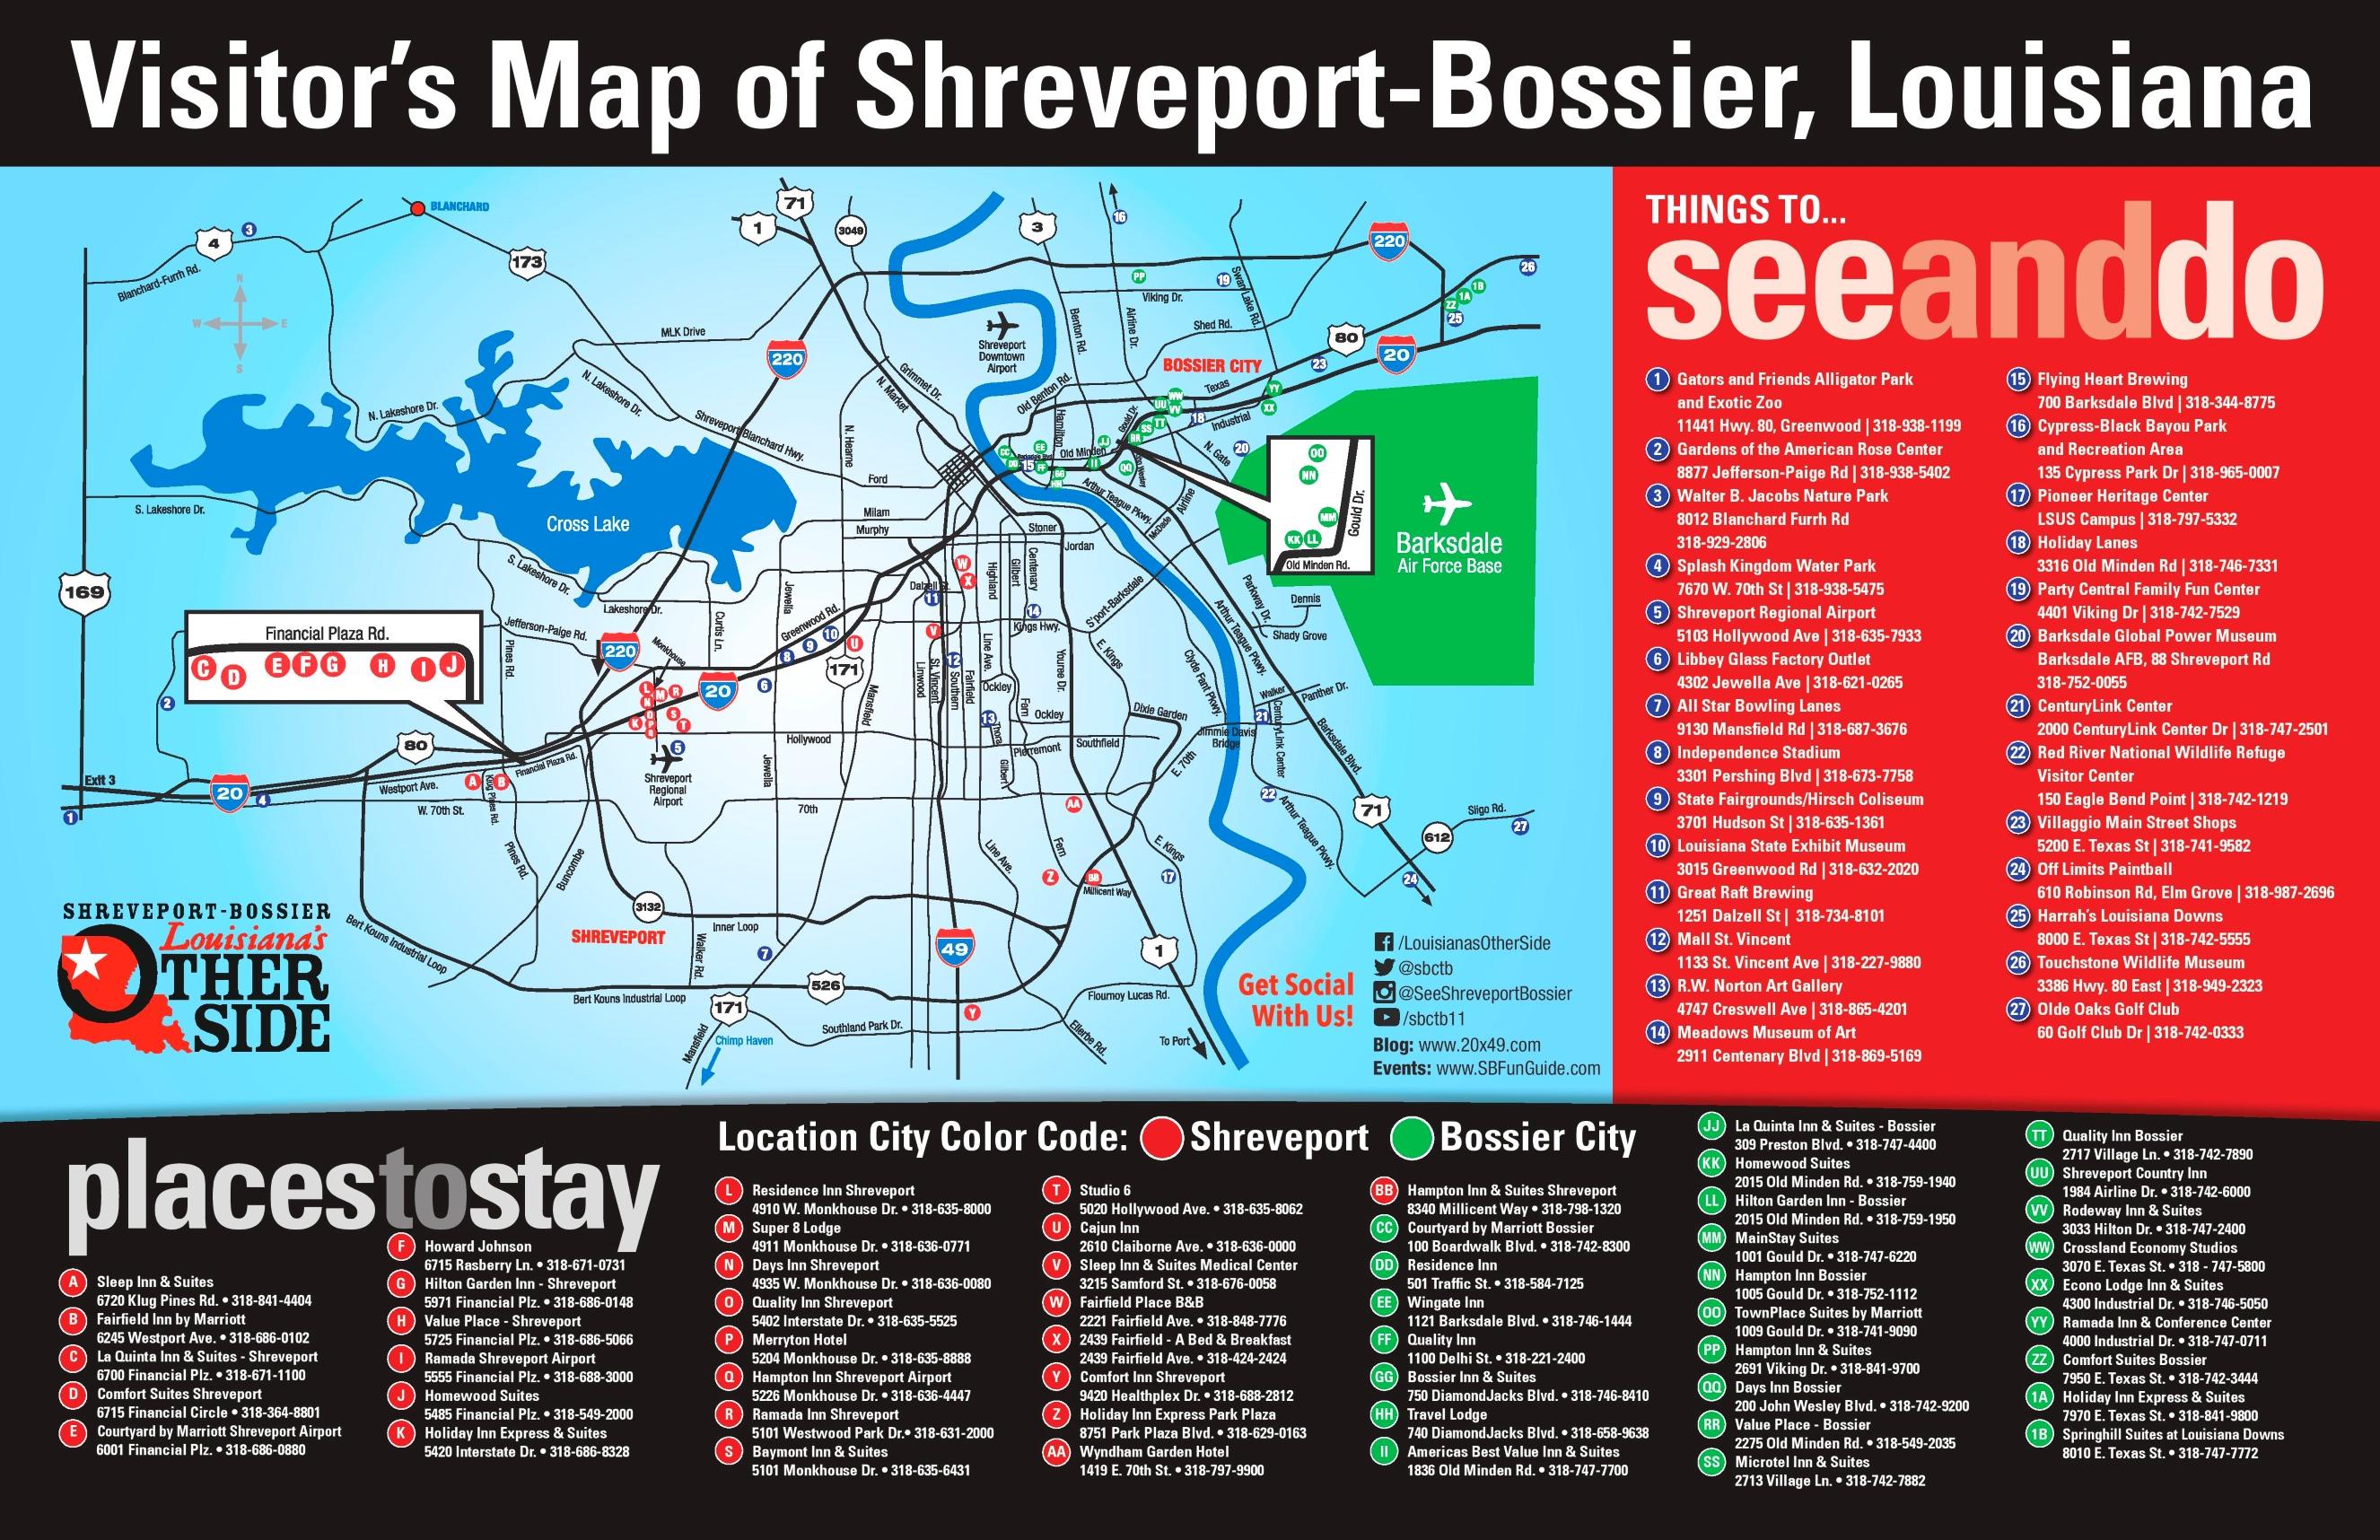 Shreveport and Bossier City tourist map